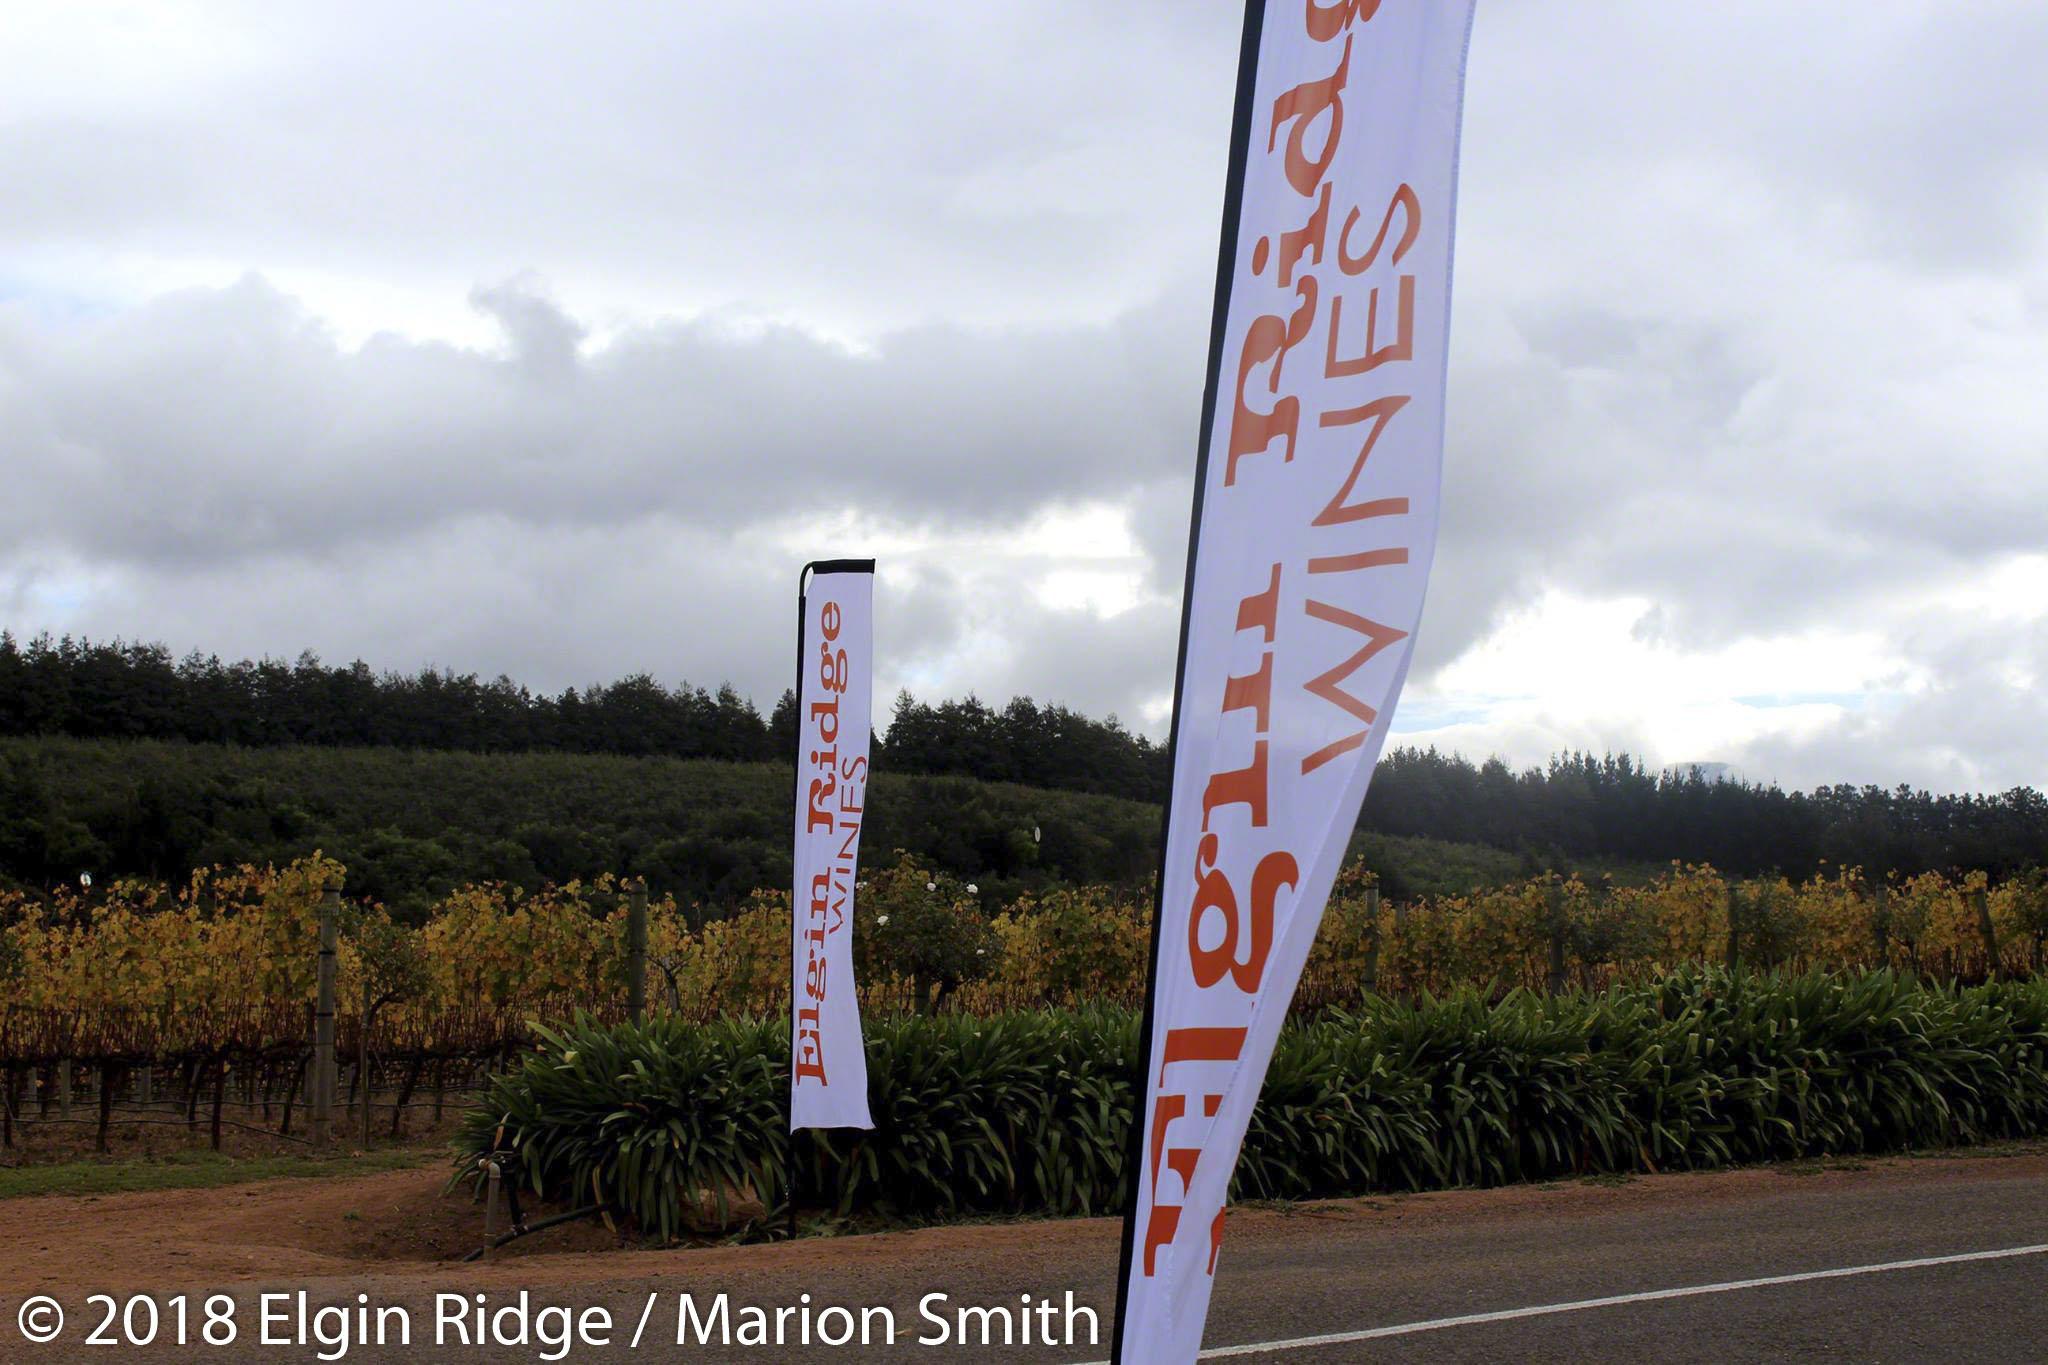 Elgin Ridge open for tastings